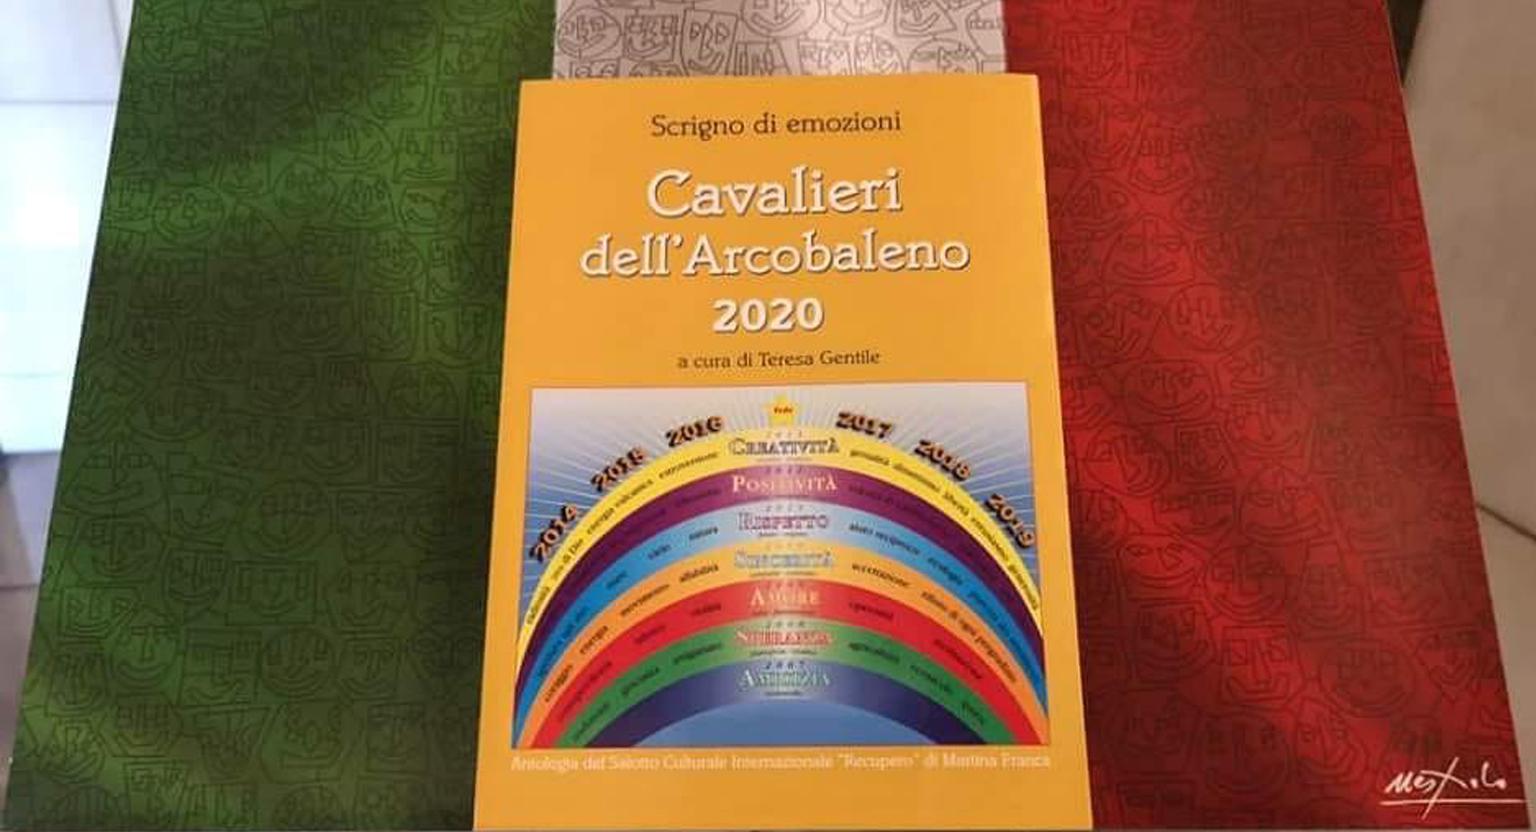 Cavalieri dell'Arcobaleno 2020 di Franco Presicci